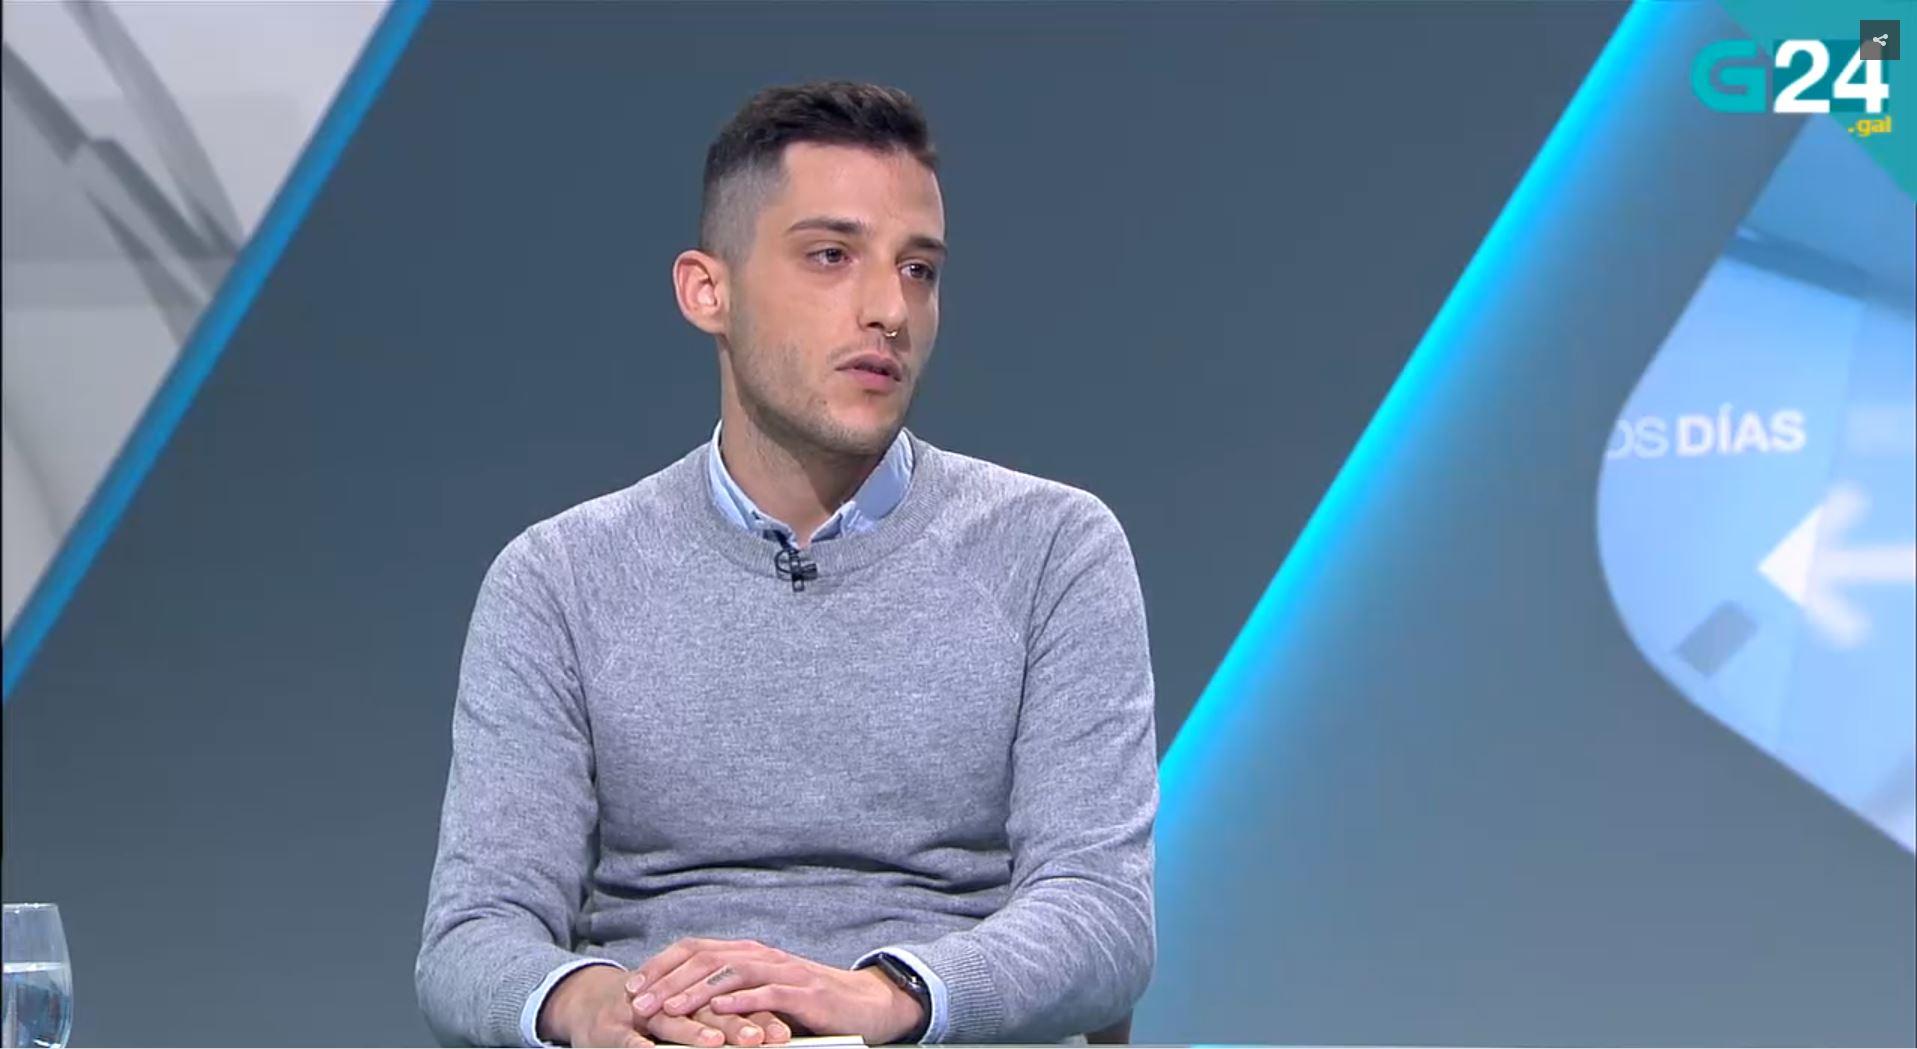 Joshua Alonso Mateo en los informativos de CRTV